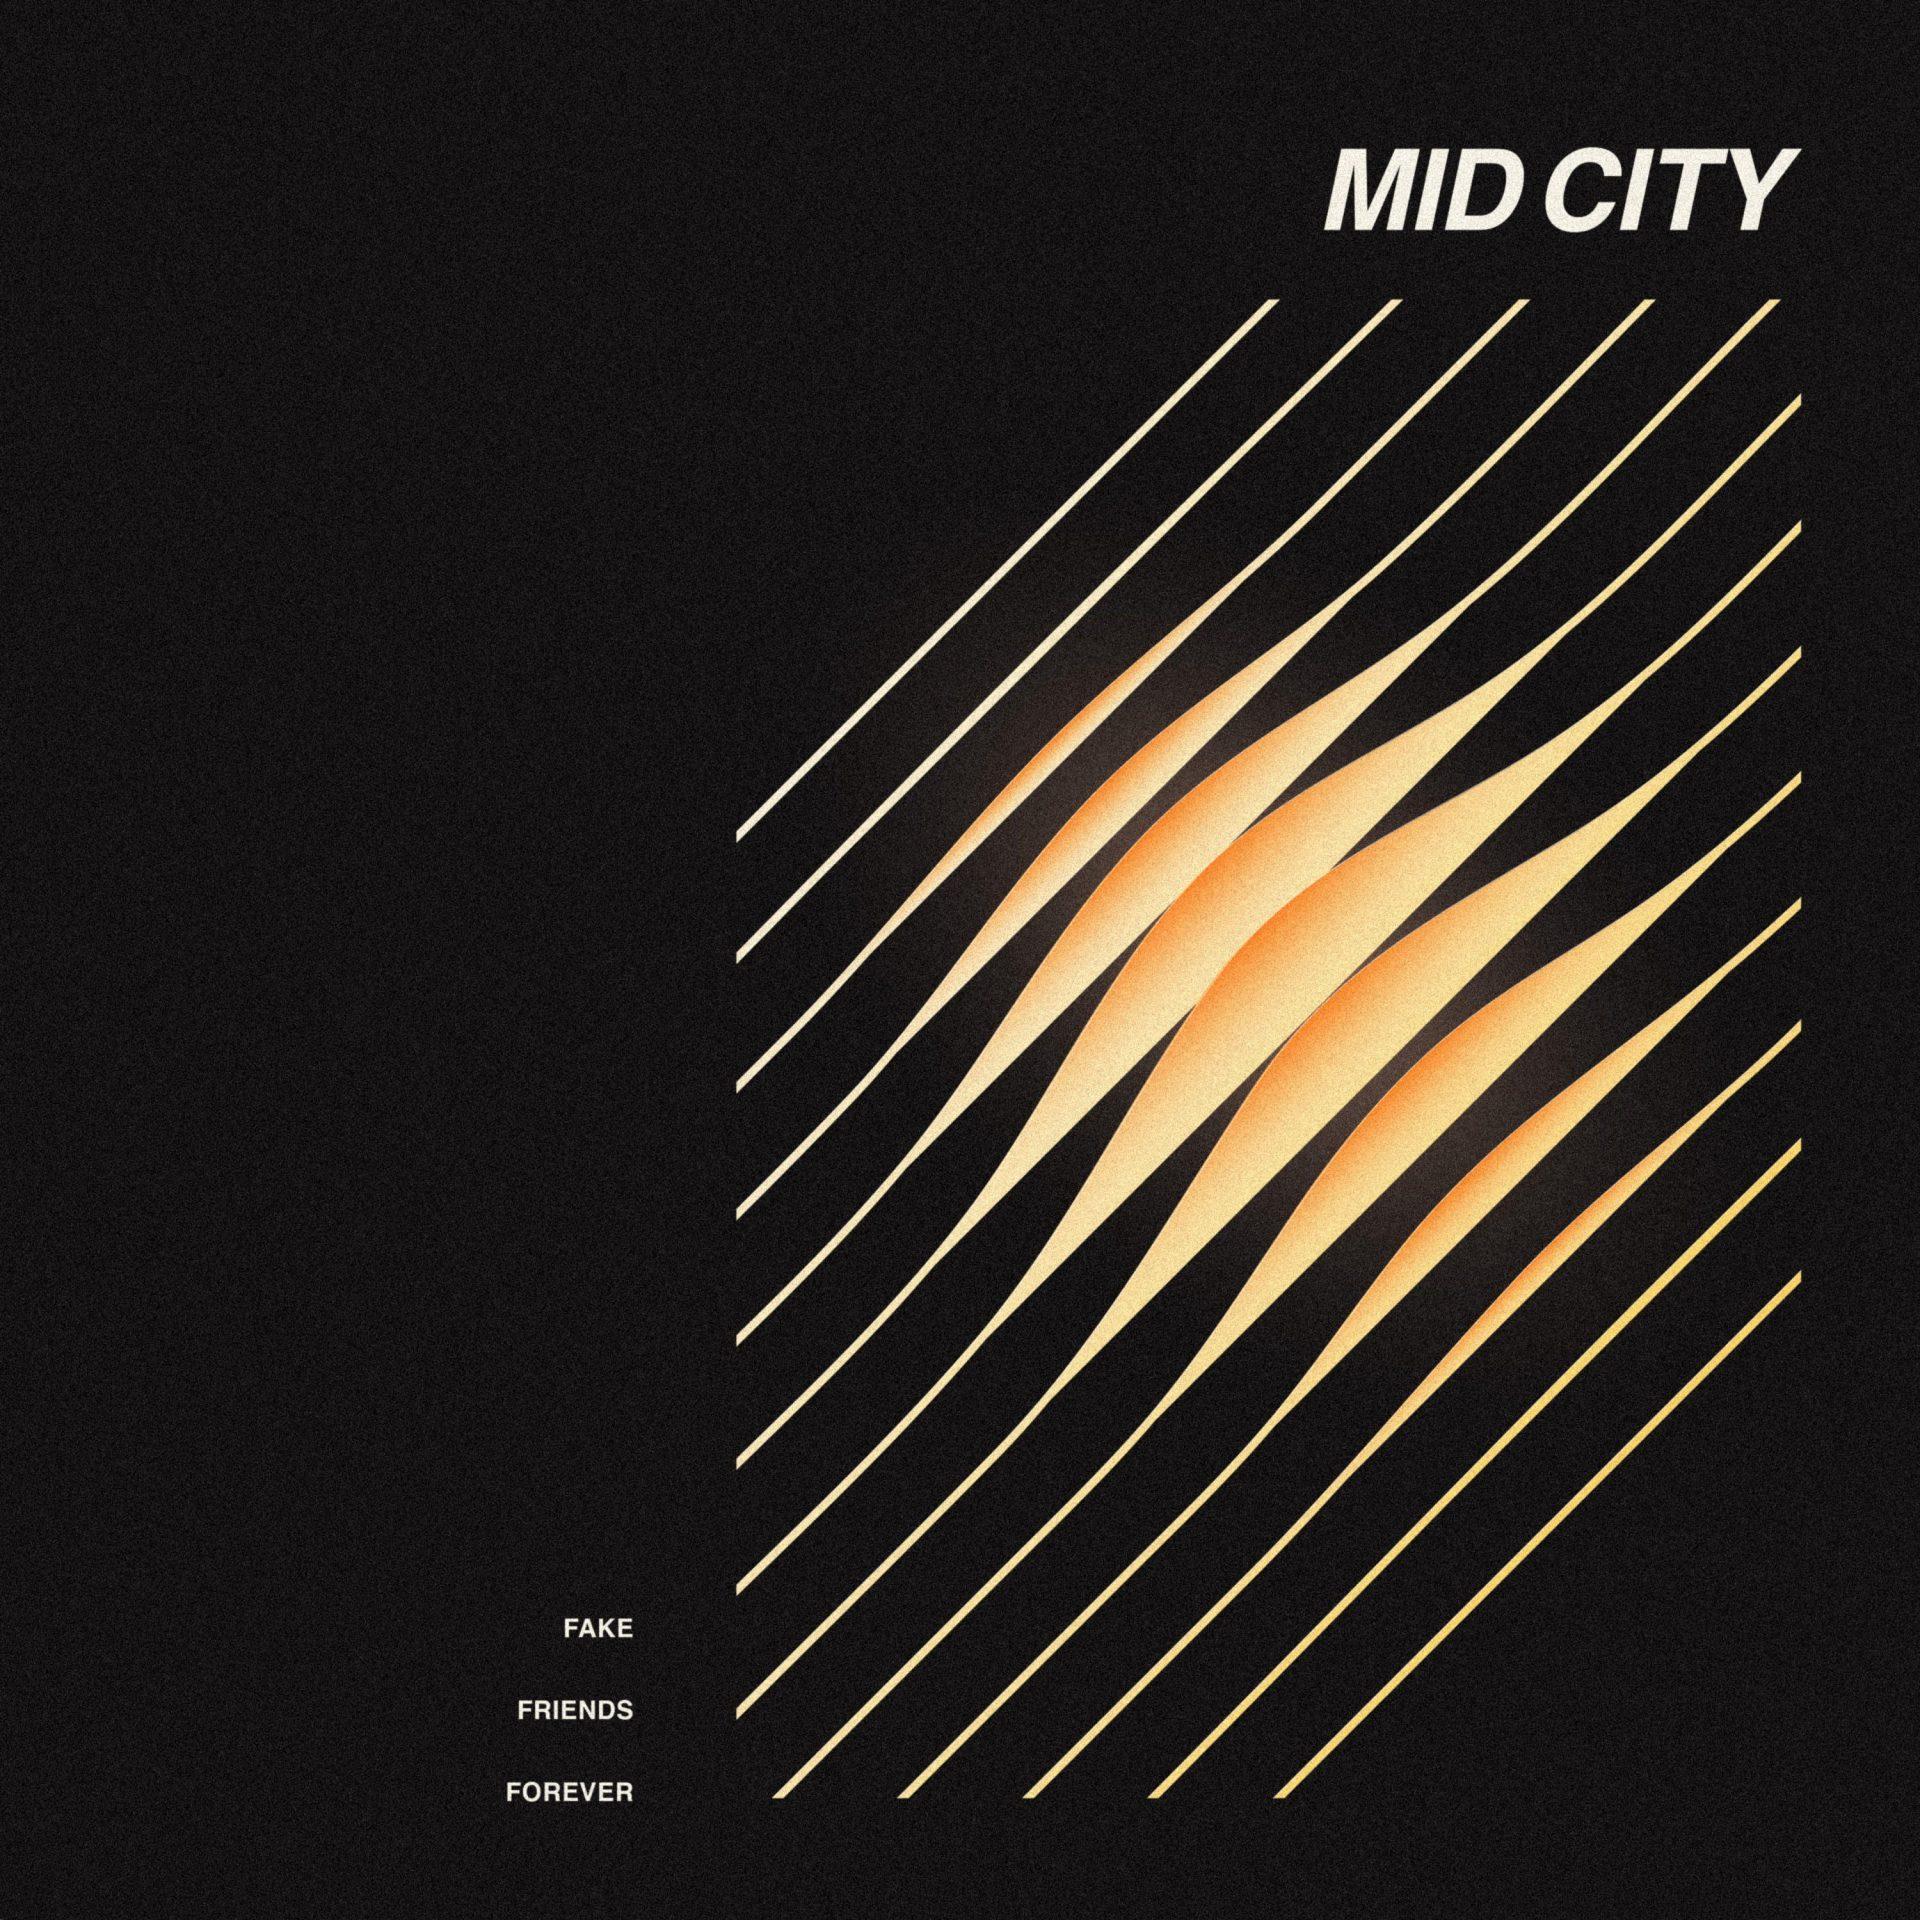 mid city